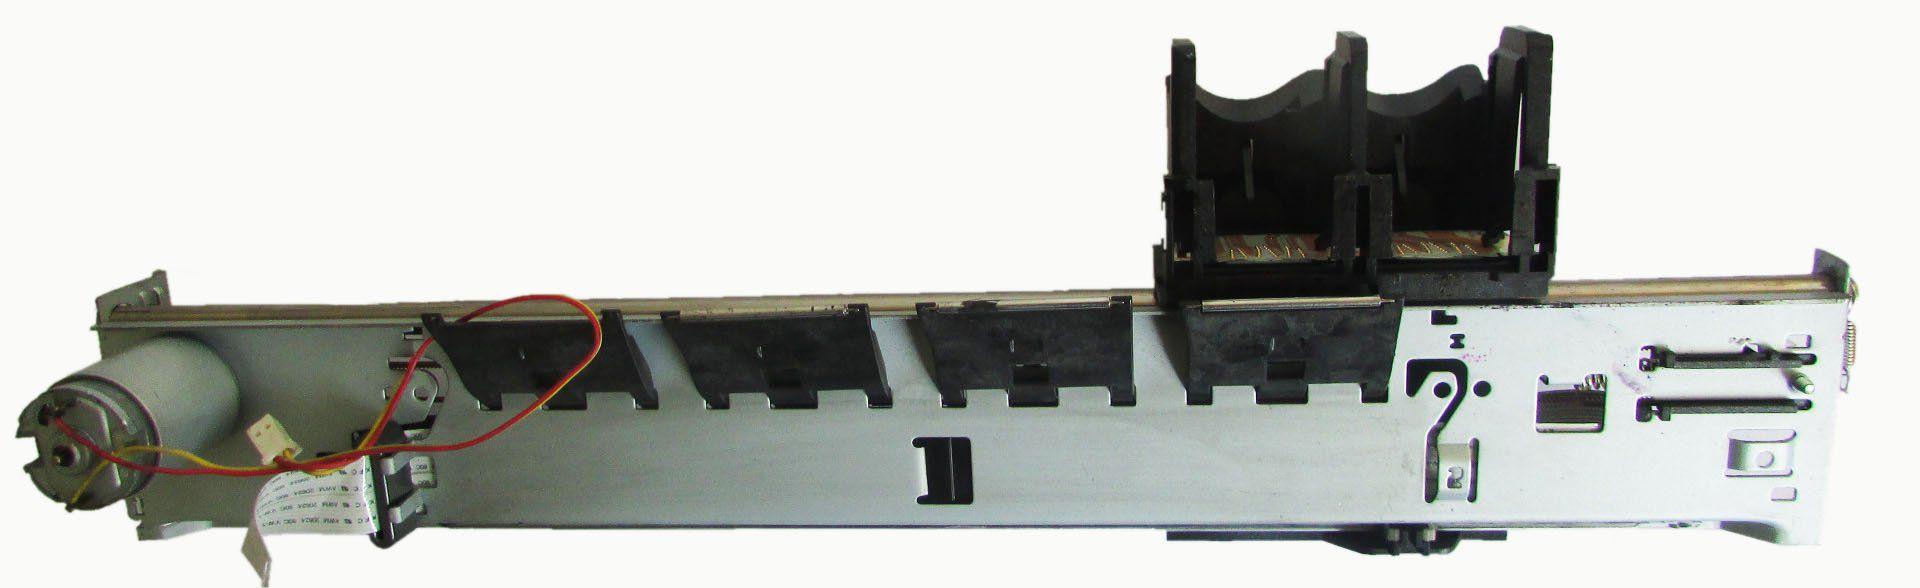 Carro de Impressão HP C4280 (semi novo)